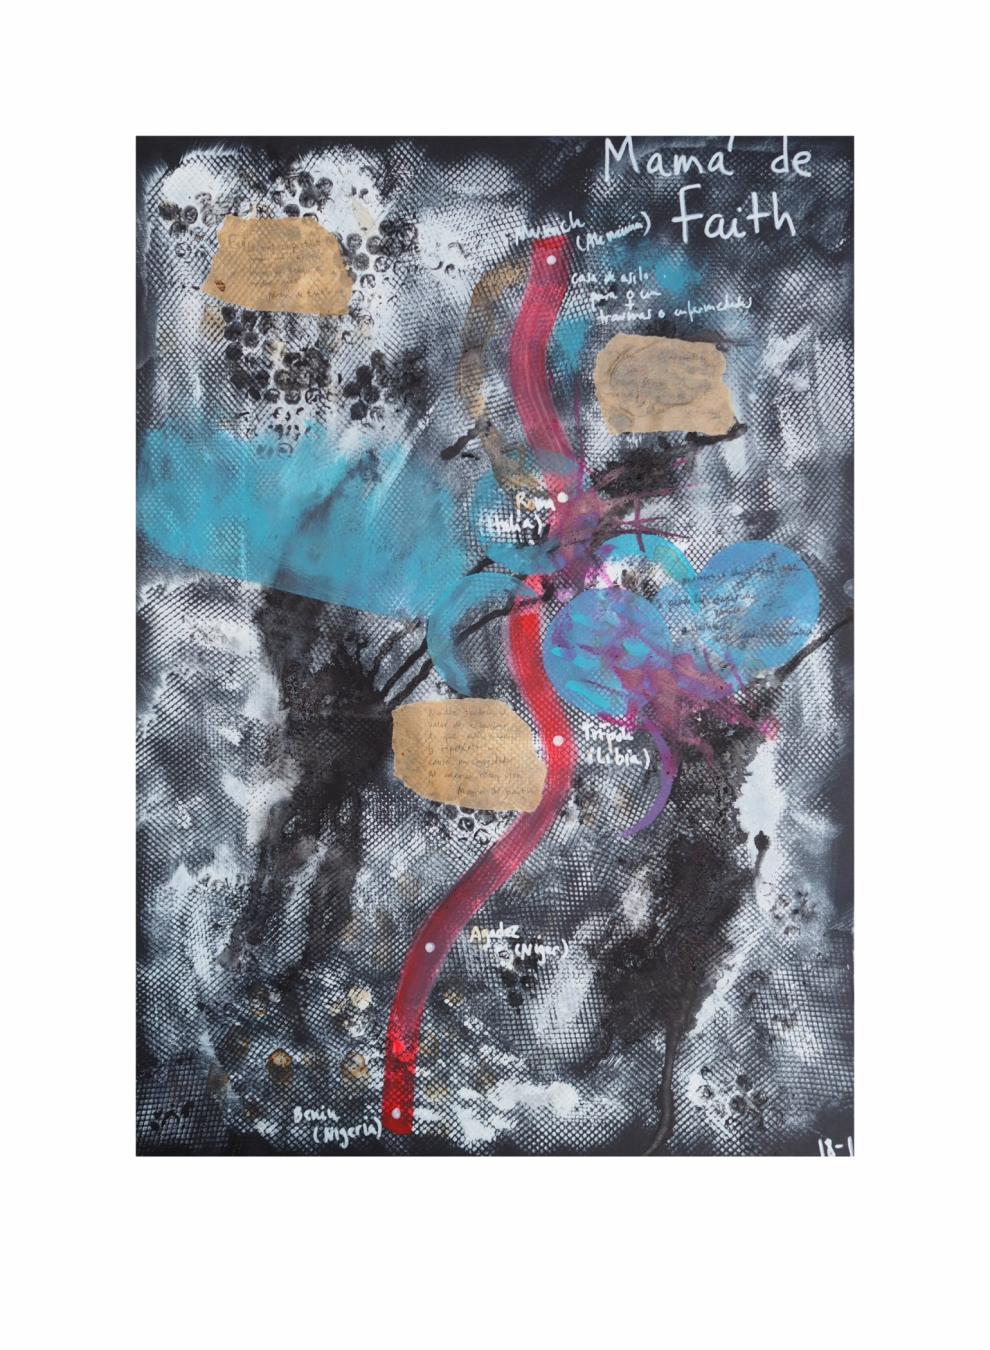 """Mamá de Faith.  Serie """"Madres en redes de trata"""" 42 x 59,4 cm Mixta (acrílico y collage) sobre papel.Obra original - Madres en redes de trata - sonia m.requejo, Artista visual"""